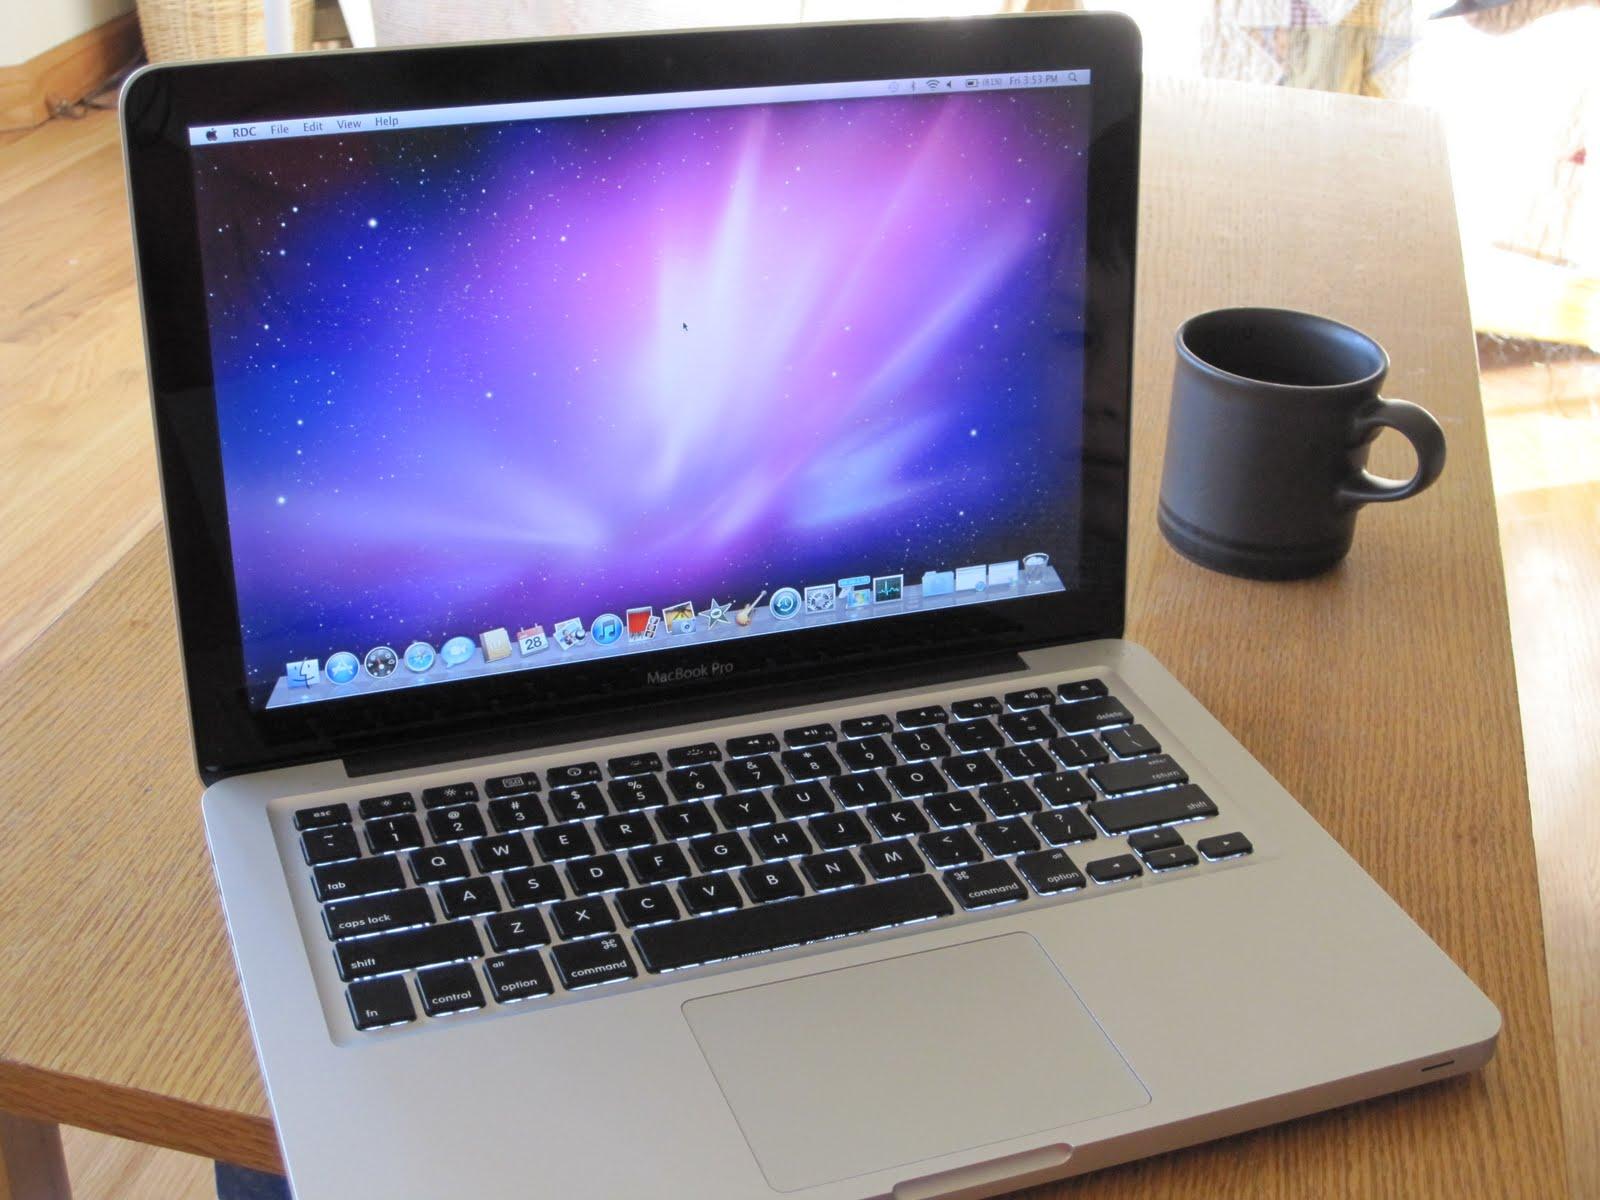 MACBOOK PRO 13 INCH 2010 - Apple MacBook Pro 13 inch 2010